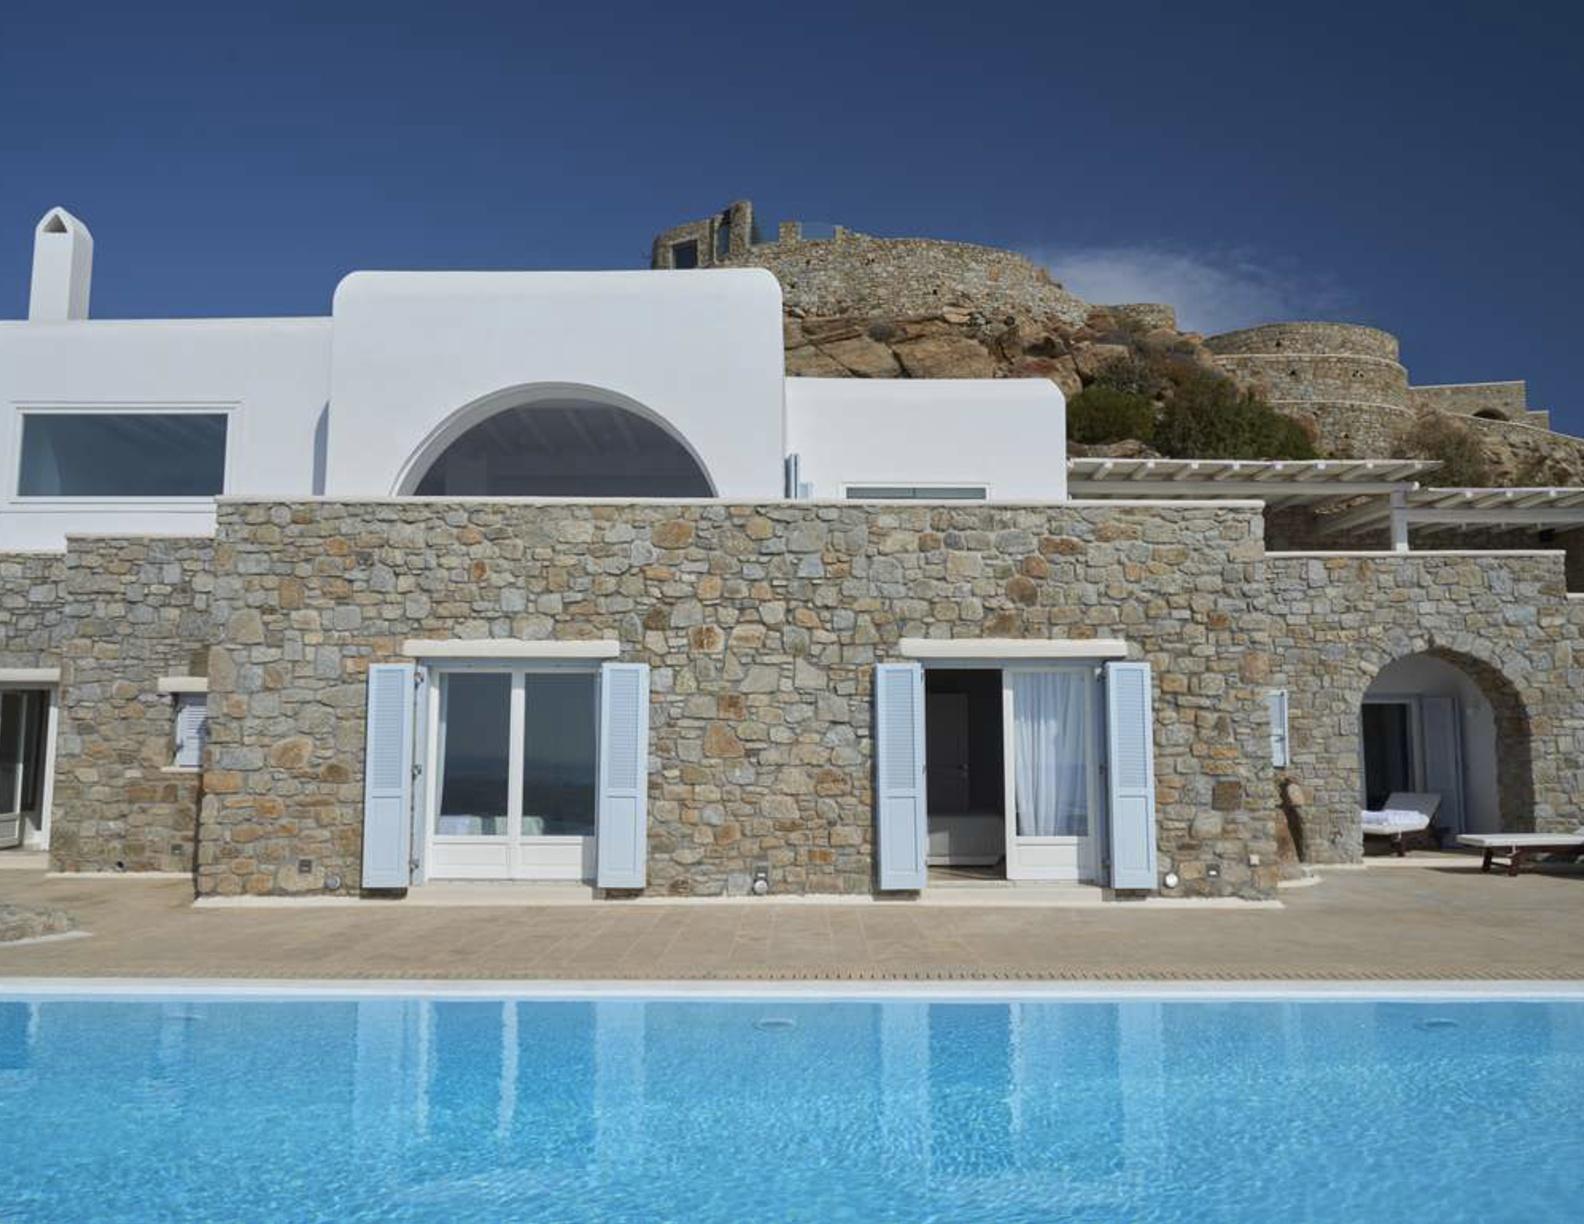 Villa-Era-Mykonos-ilovepdf-compressed-005